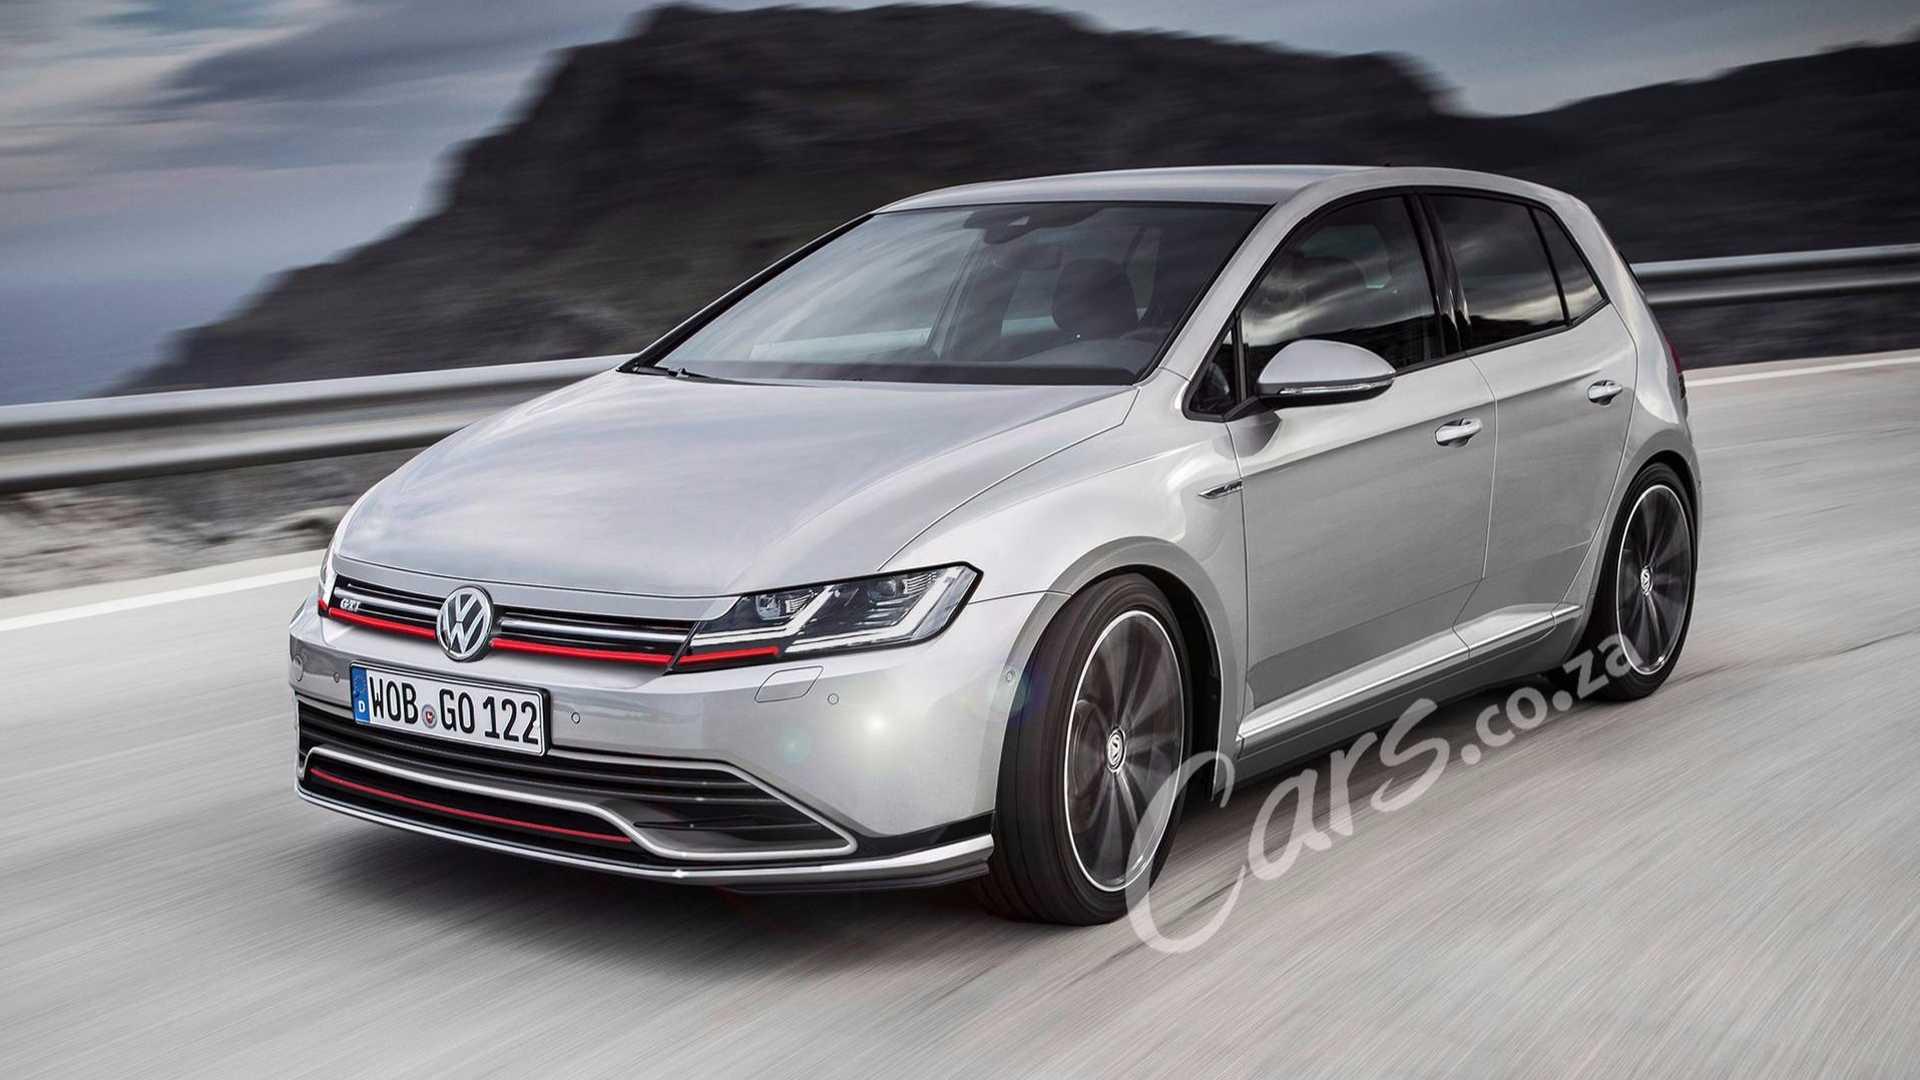 87 All New 2020 Volkswagen Gti Exterior by 2020 Volkswagen Gti